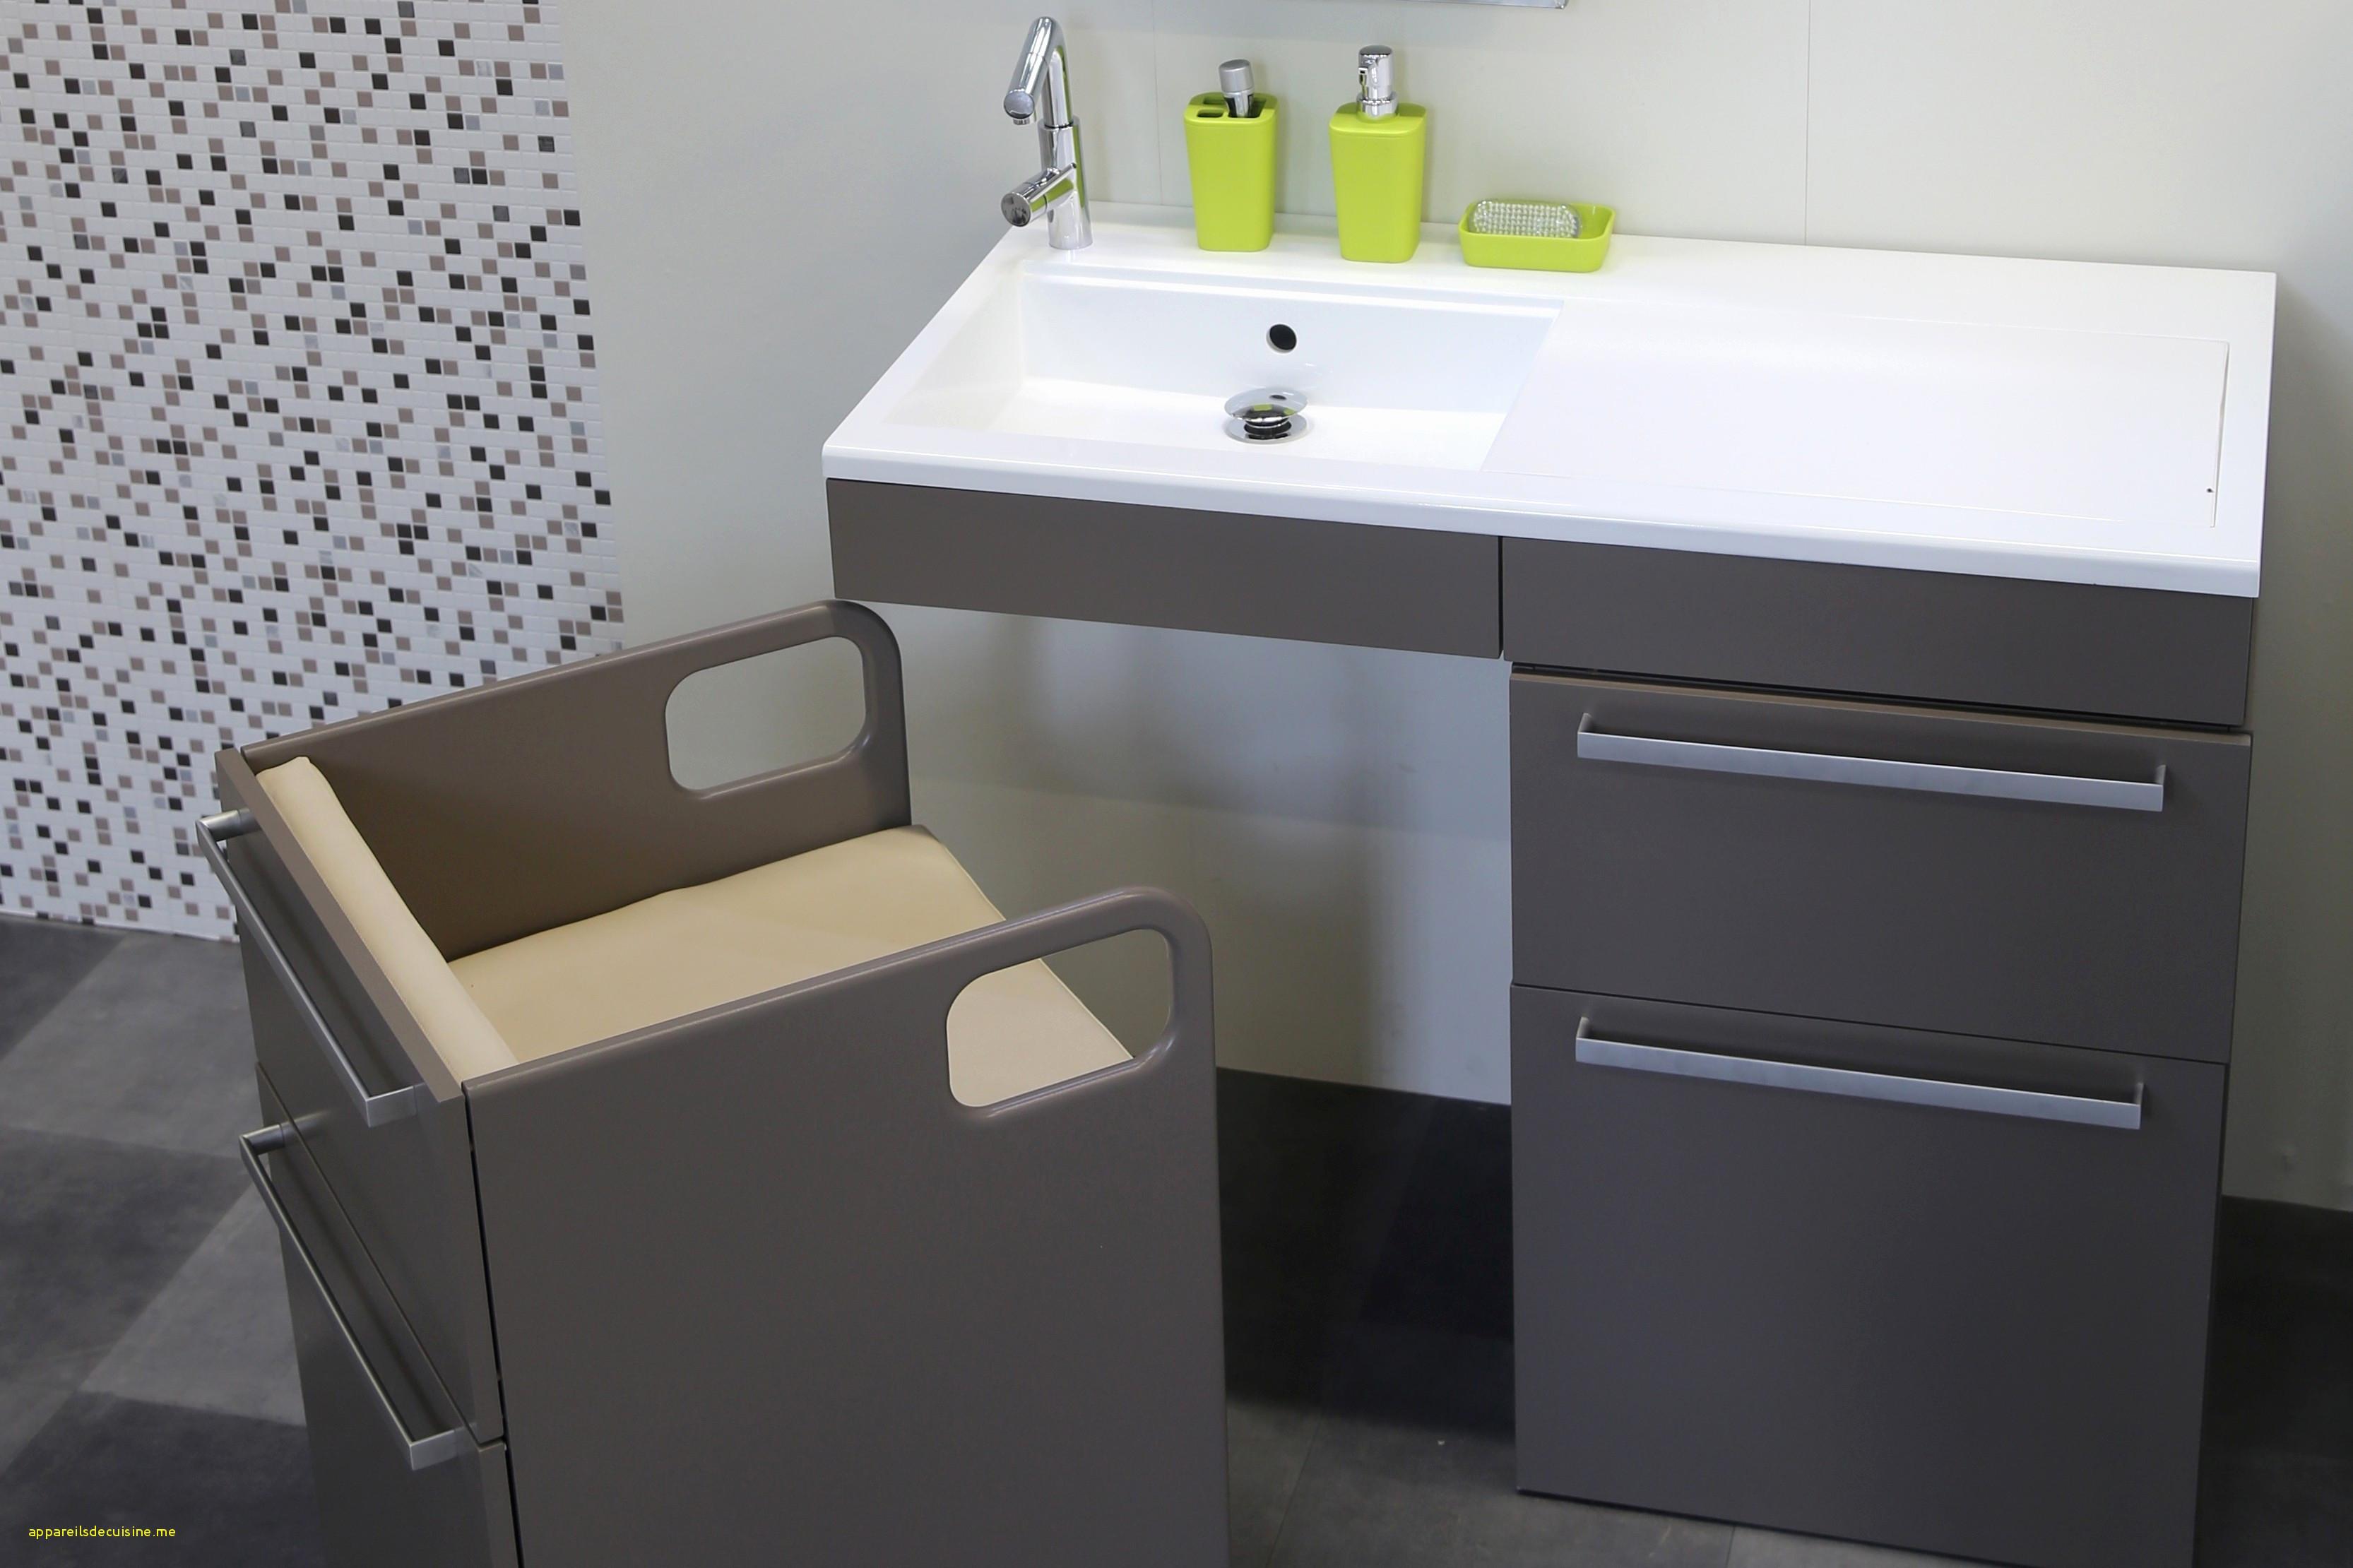 Meuble Salle De Bain Ikea Double Vasque Beau Image Armoire Salle De Bain Ikea Charmant Résultat Supérieur Accessoires